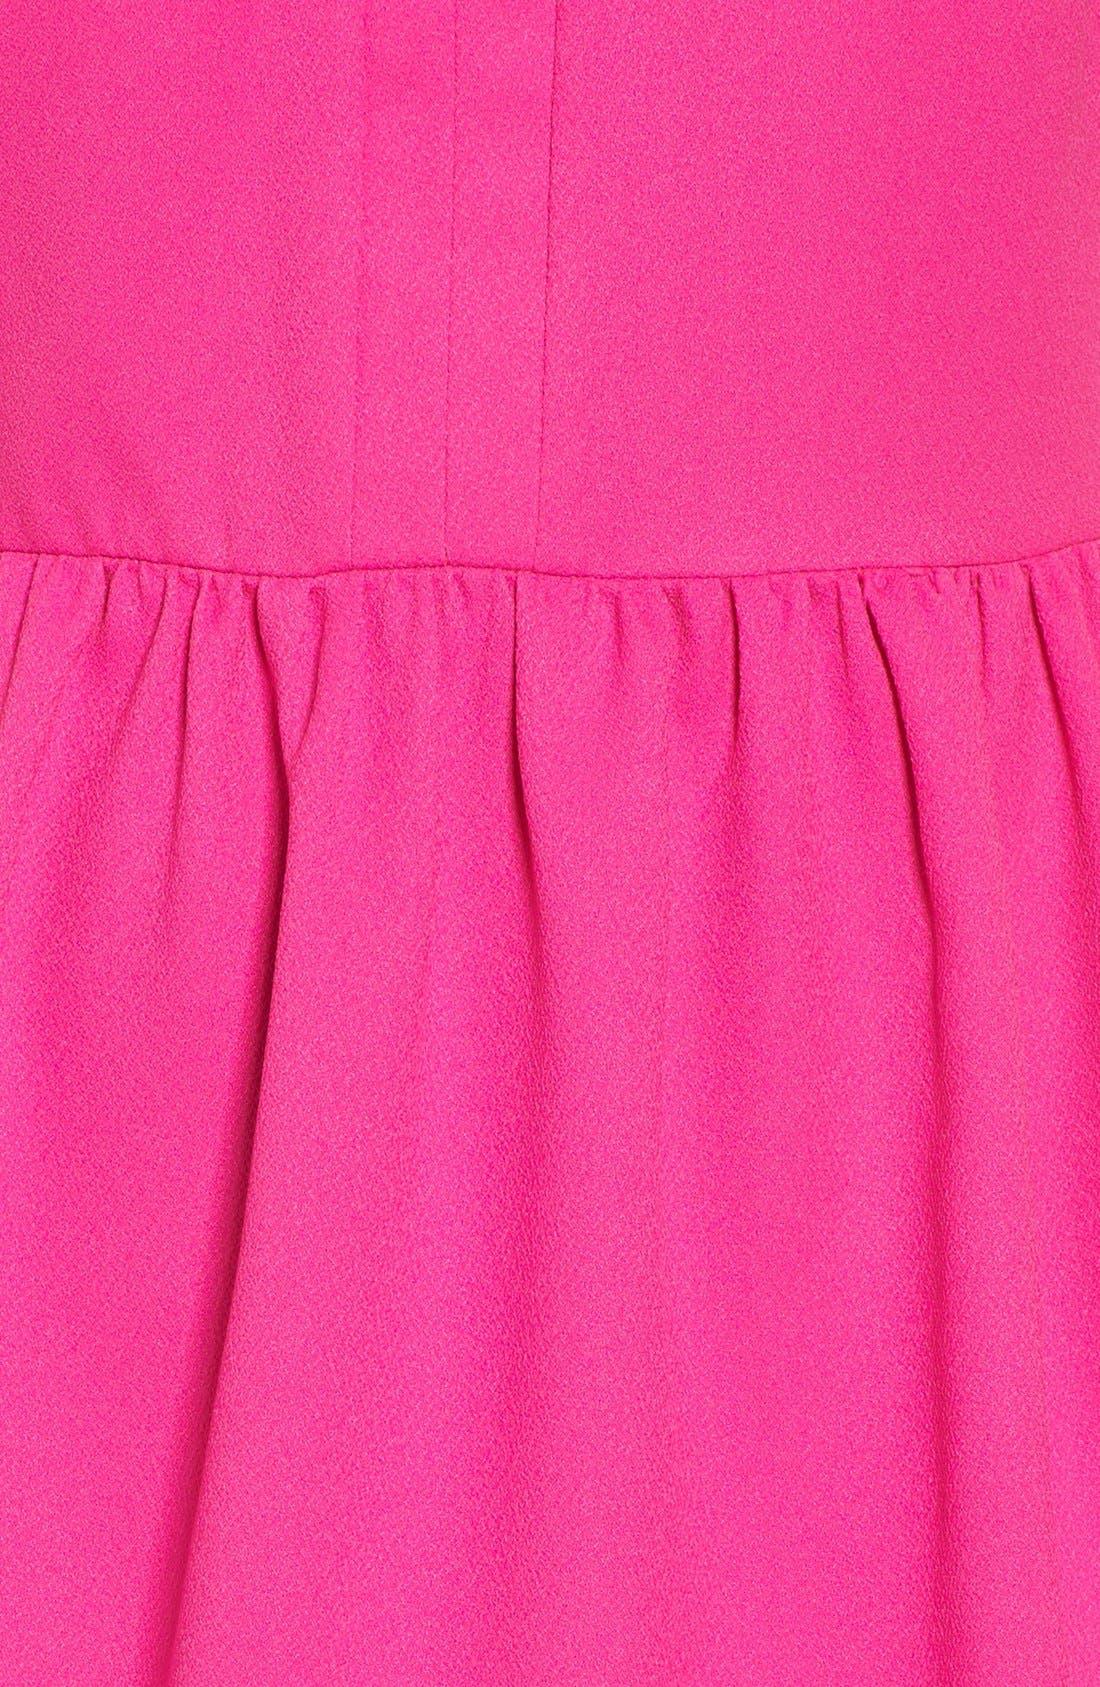 'Rowan' V-Neck Skater Dress,                             Alternate thumbnail 51, color,